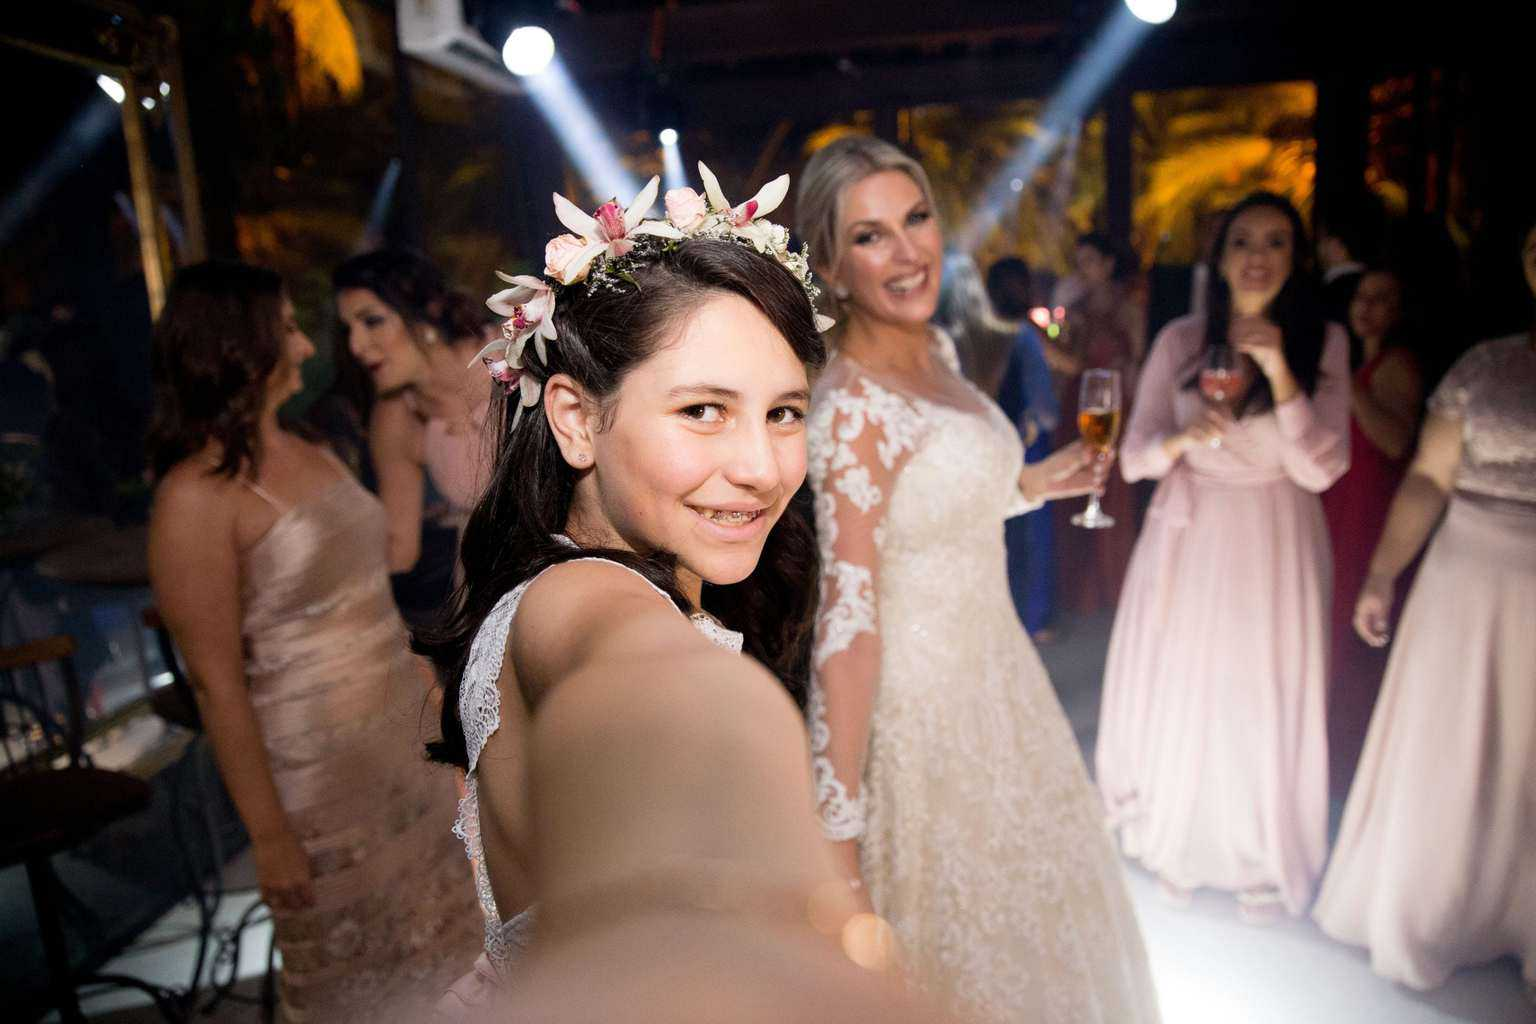 Andrea-Kapps-casamento-de-dia-casamento-na-serra-casamento-romântico-casamento-tradicional-festa-Locanda-de-La-Mimosa-rosa-e-lilás-casamento-49